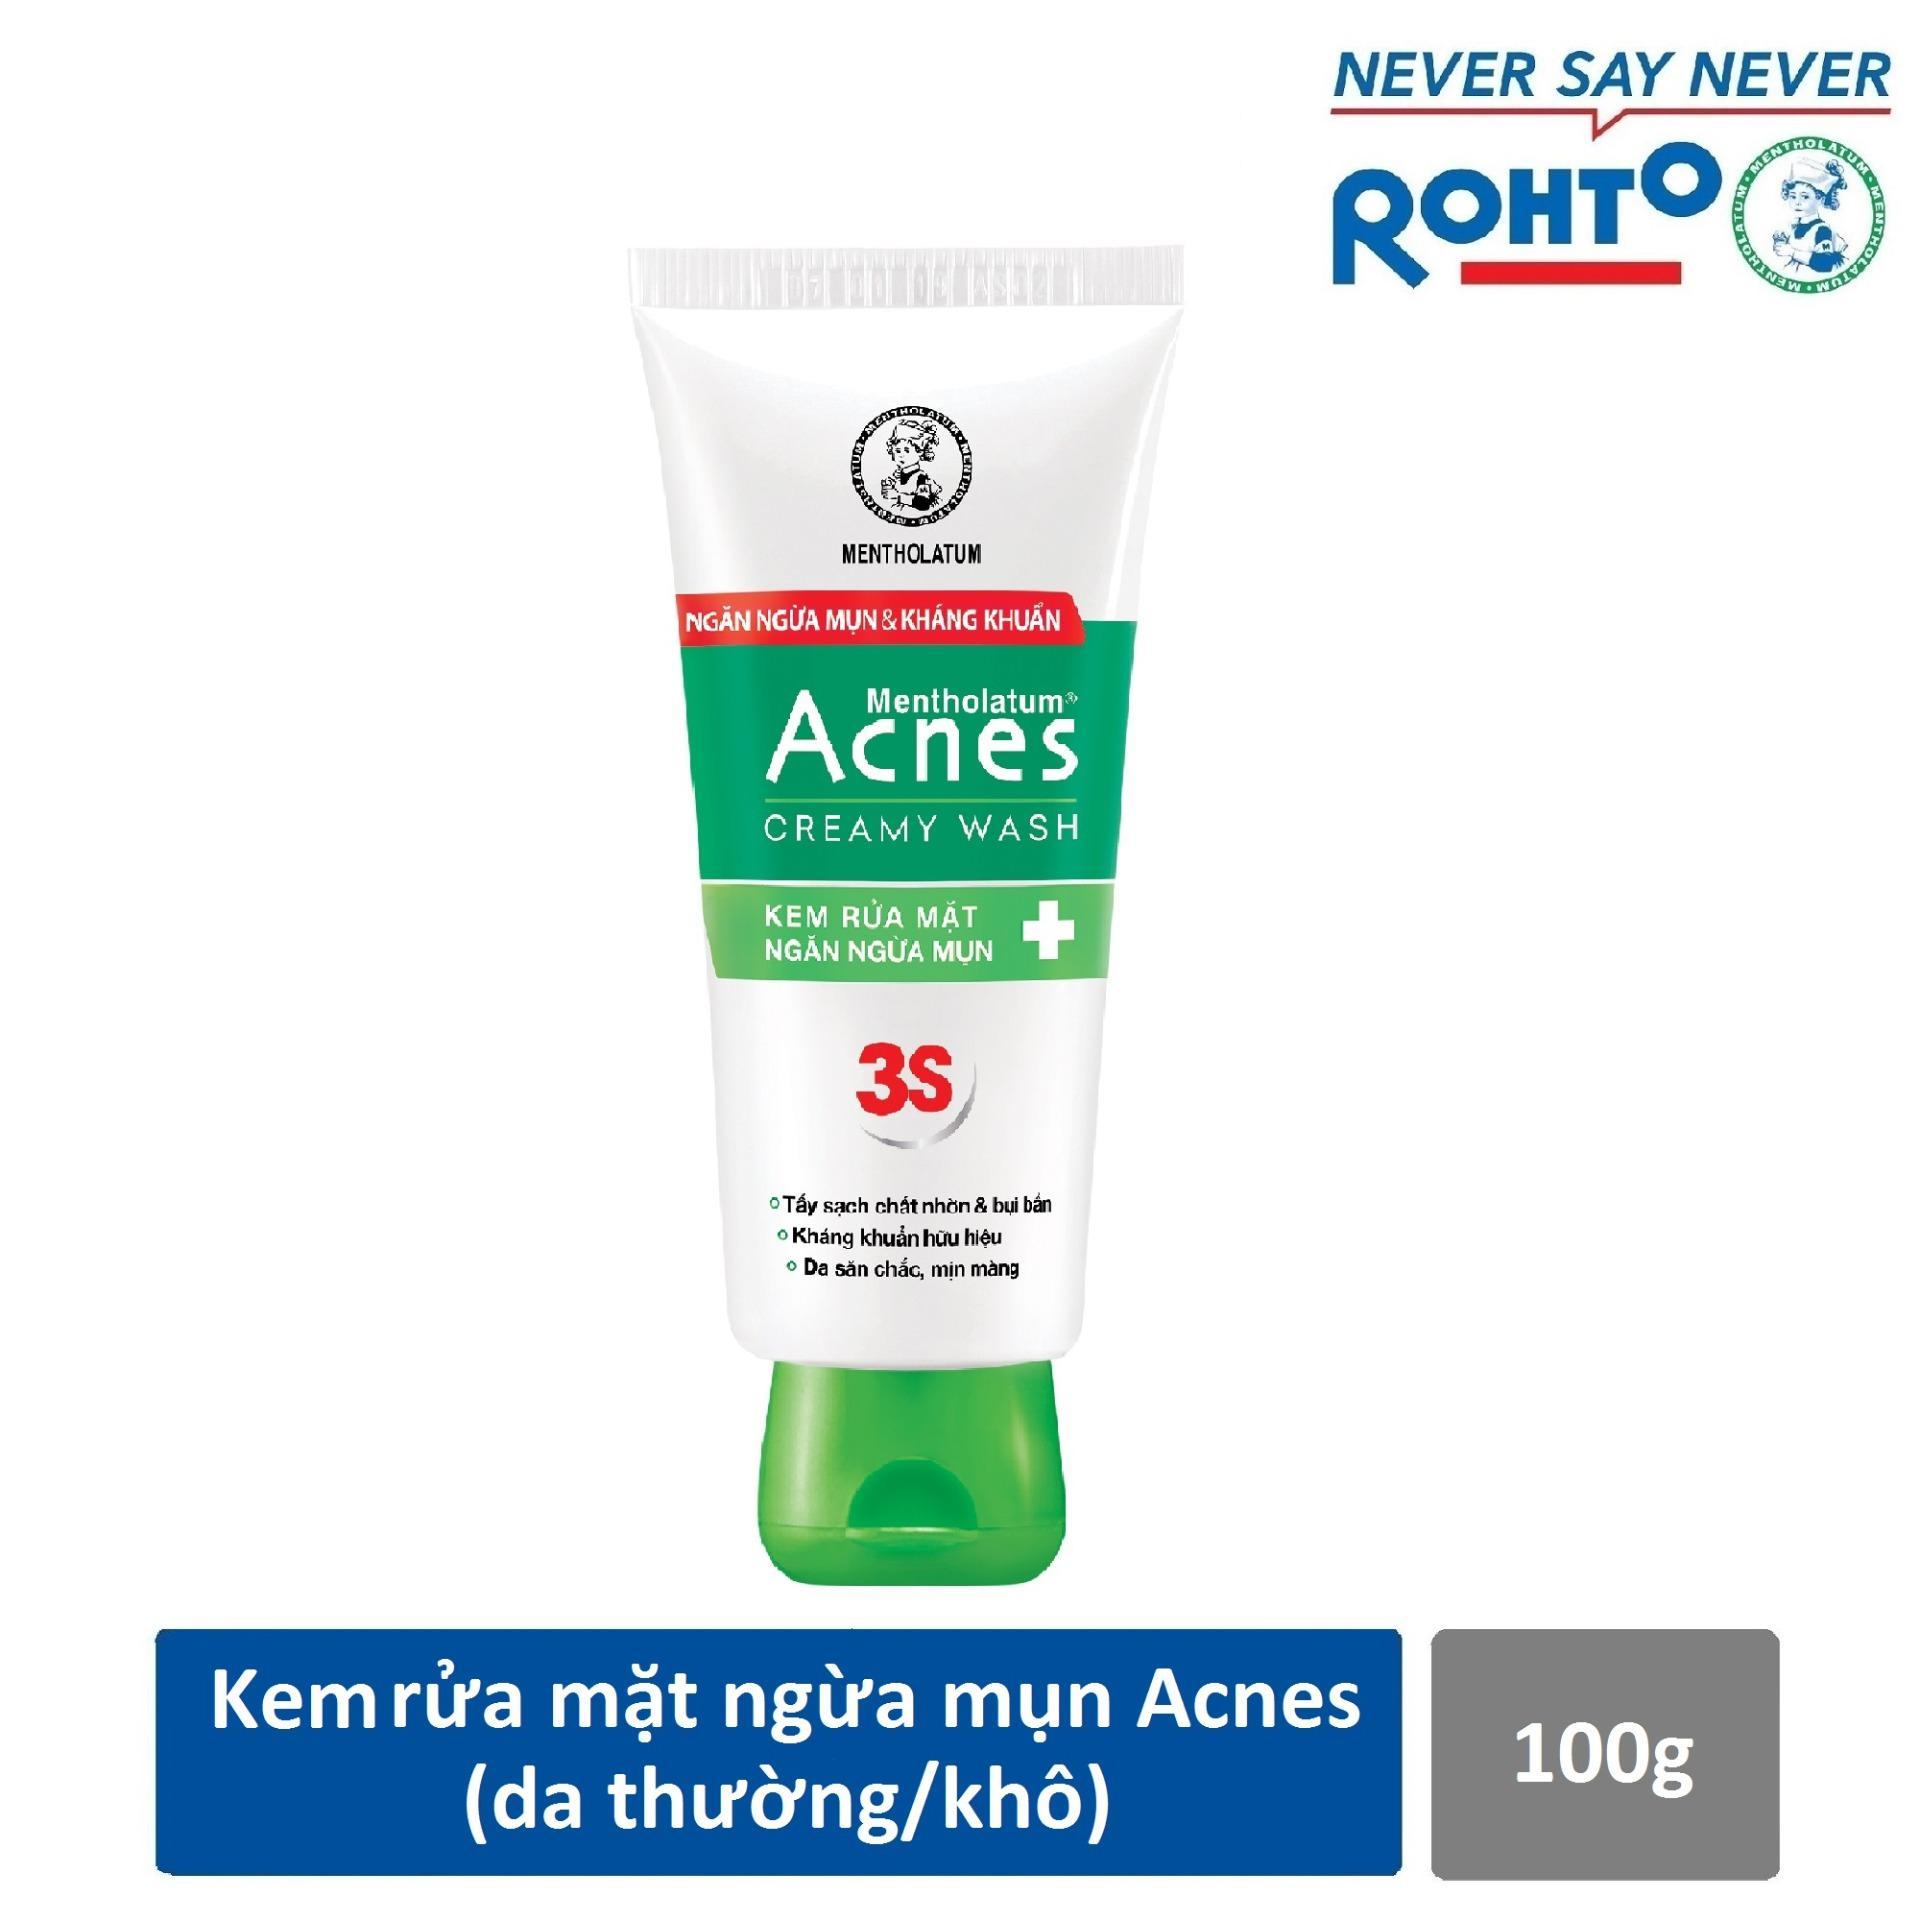 Kem rửa mặt trị mụn Acnes Creamy Wash 100g